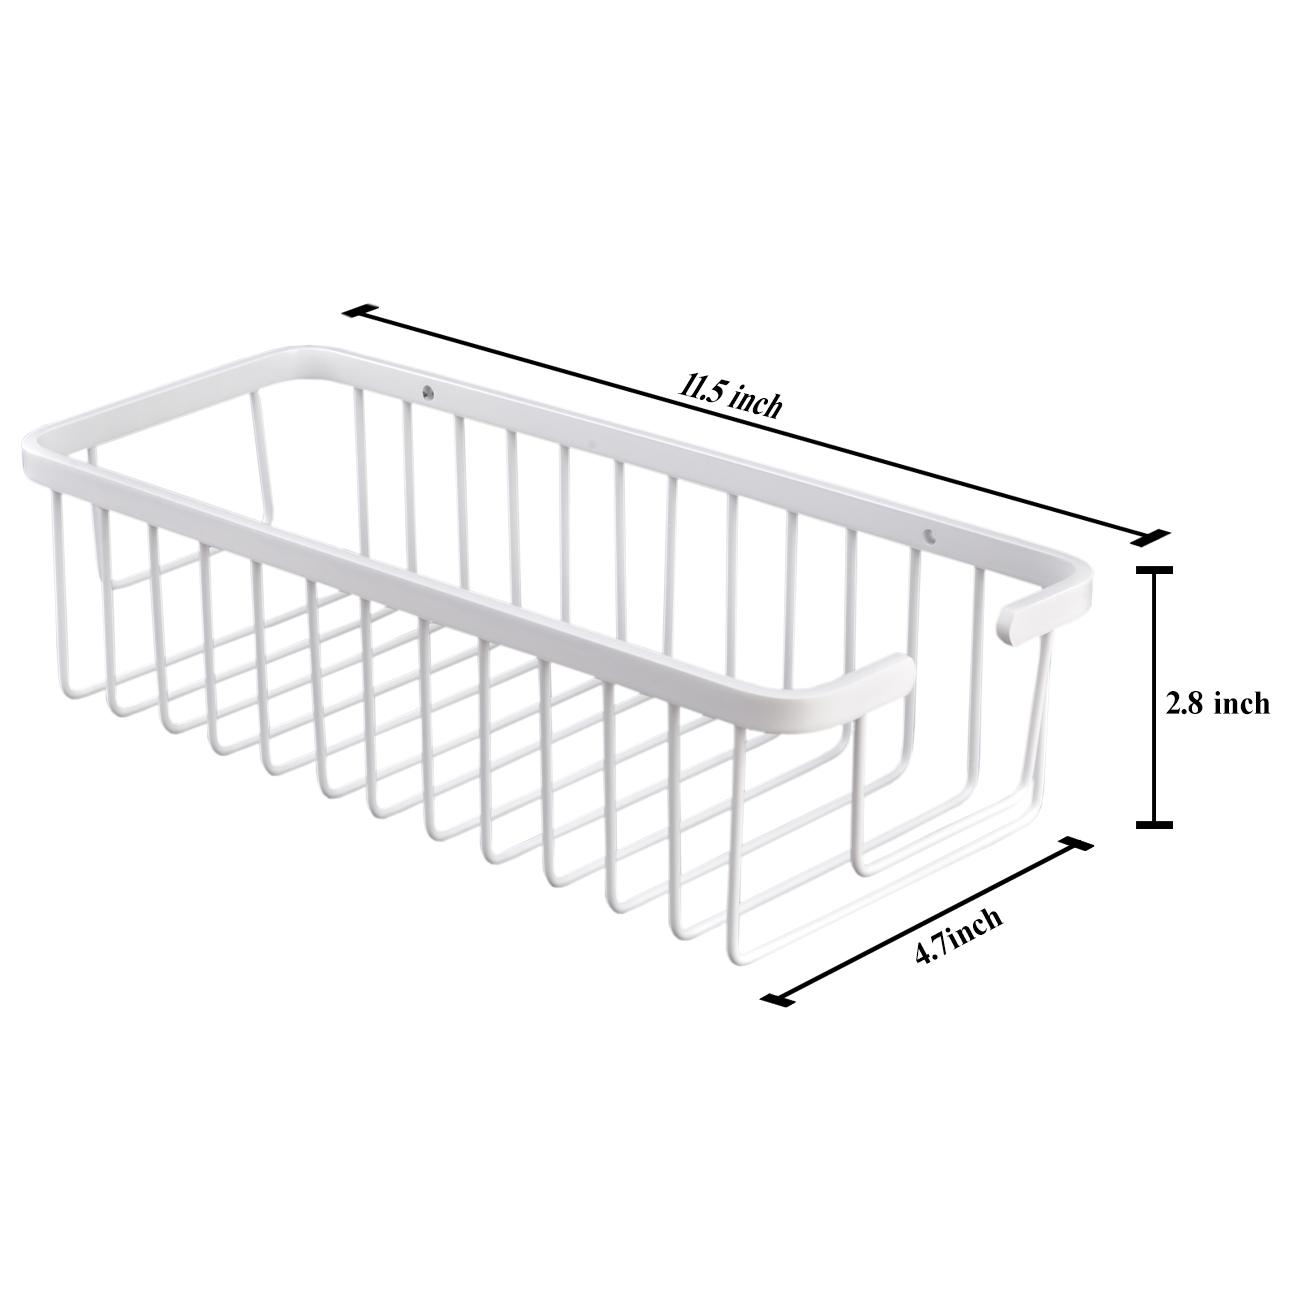 Corner Shower Caddy   Corner Basket For Shower No Drilling, ...